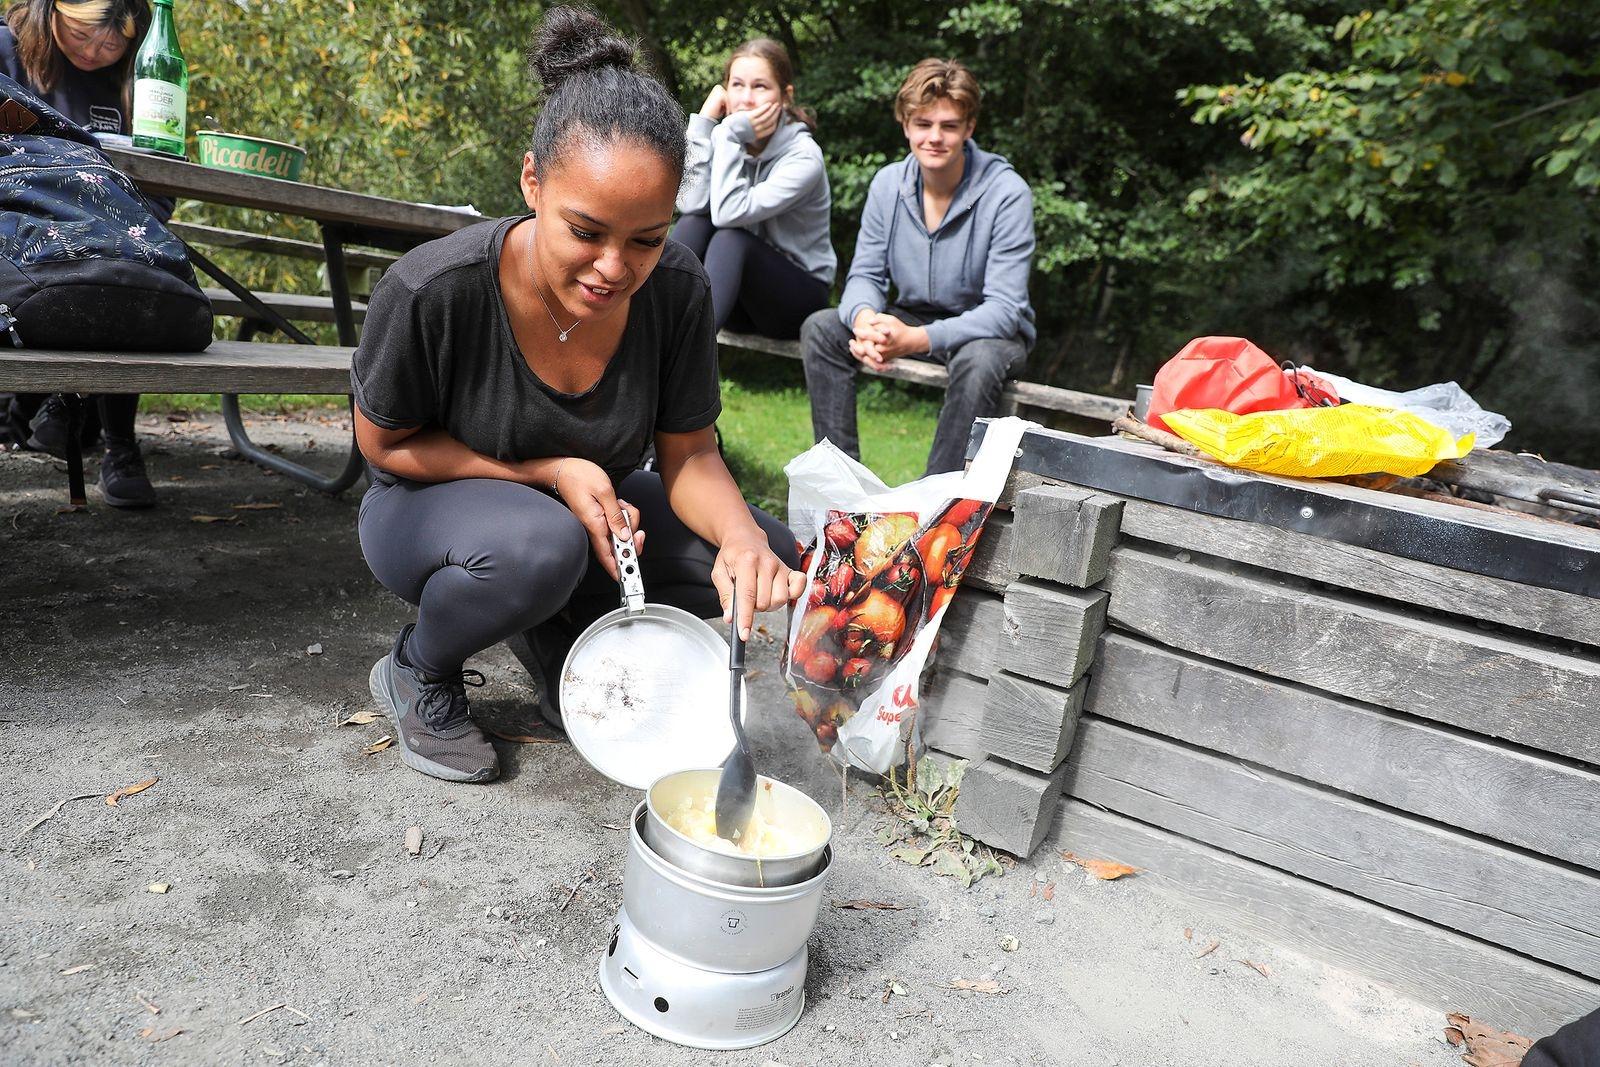 Cecibel van den Berg, Siri Ängmo och Samuel Valentin väntade tålmodigt på att maten skulle bli klar.